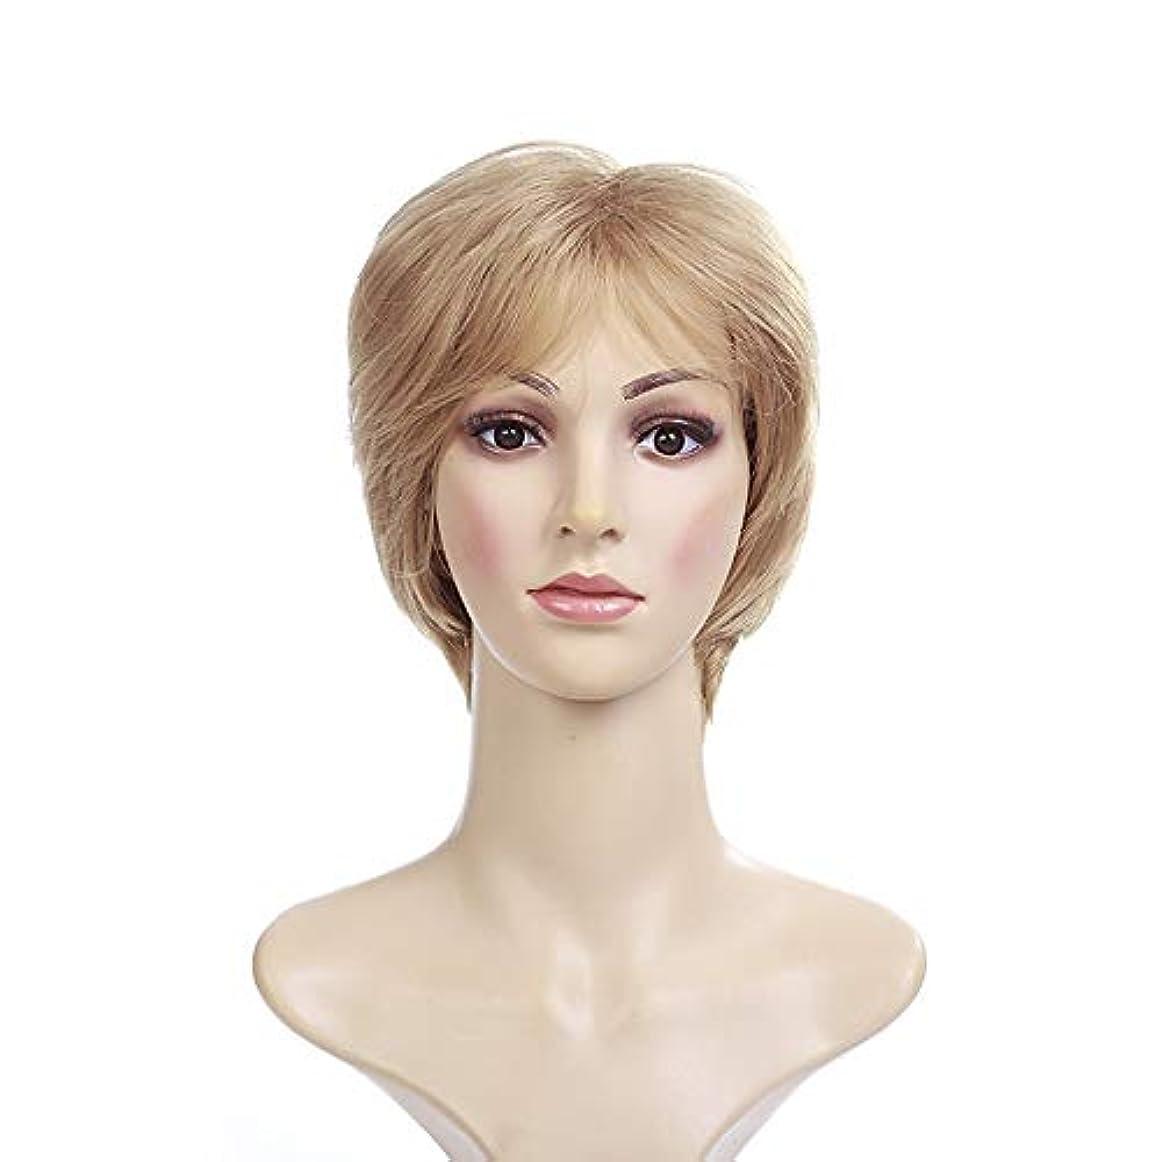 販売員キャンバス寸法WASAIO 合成ショートストレートブロンドウィッグ (色 : Blonde)